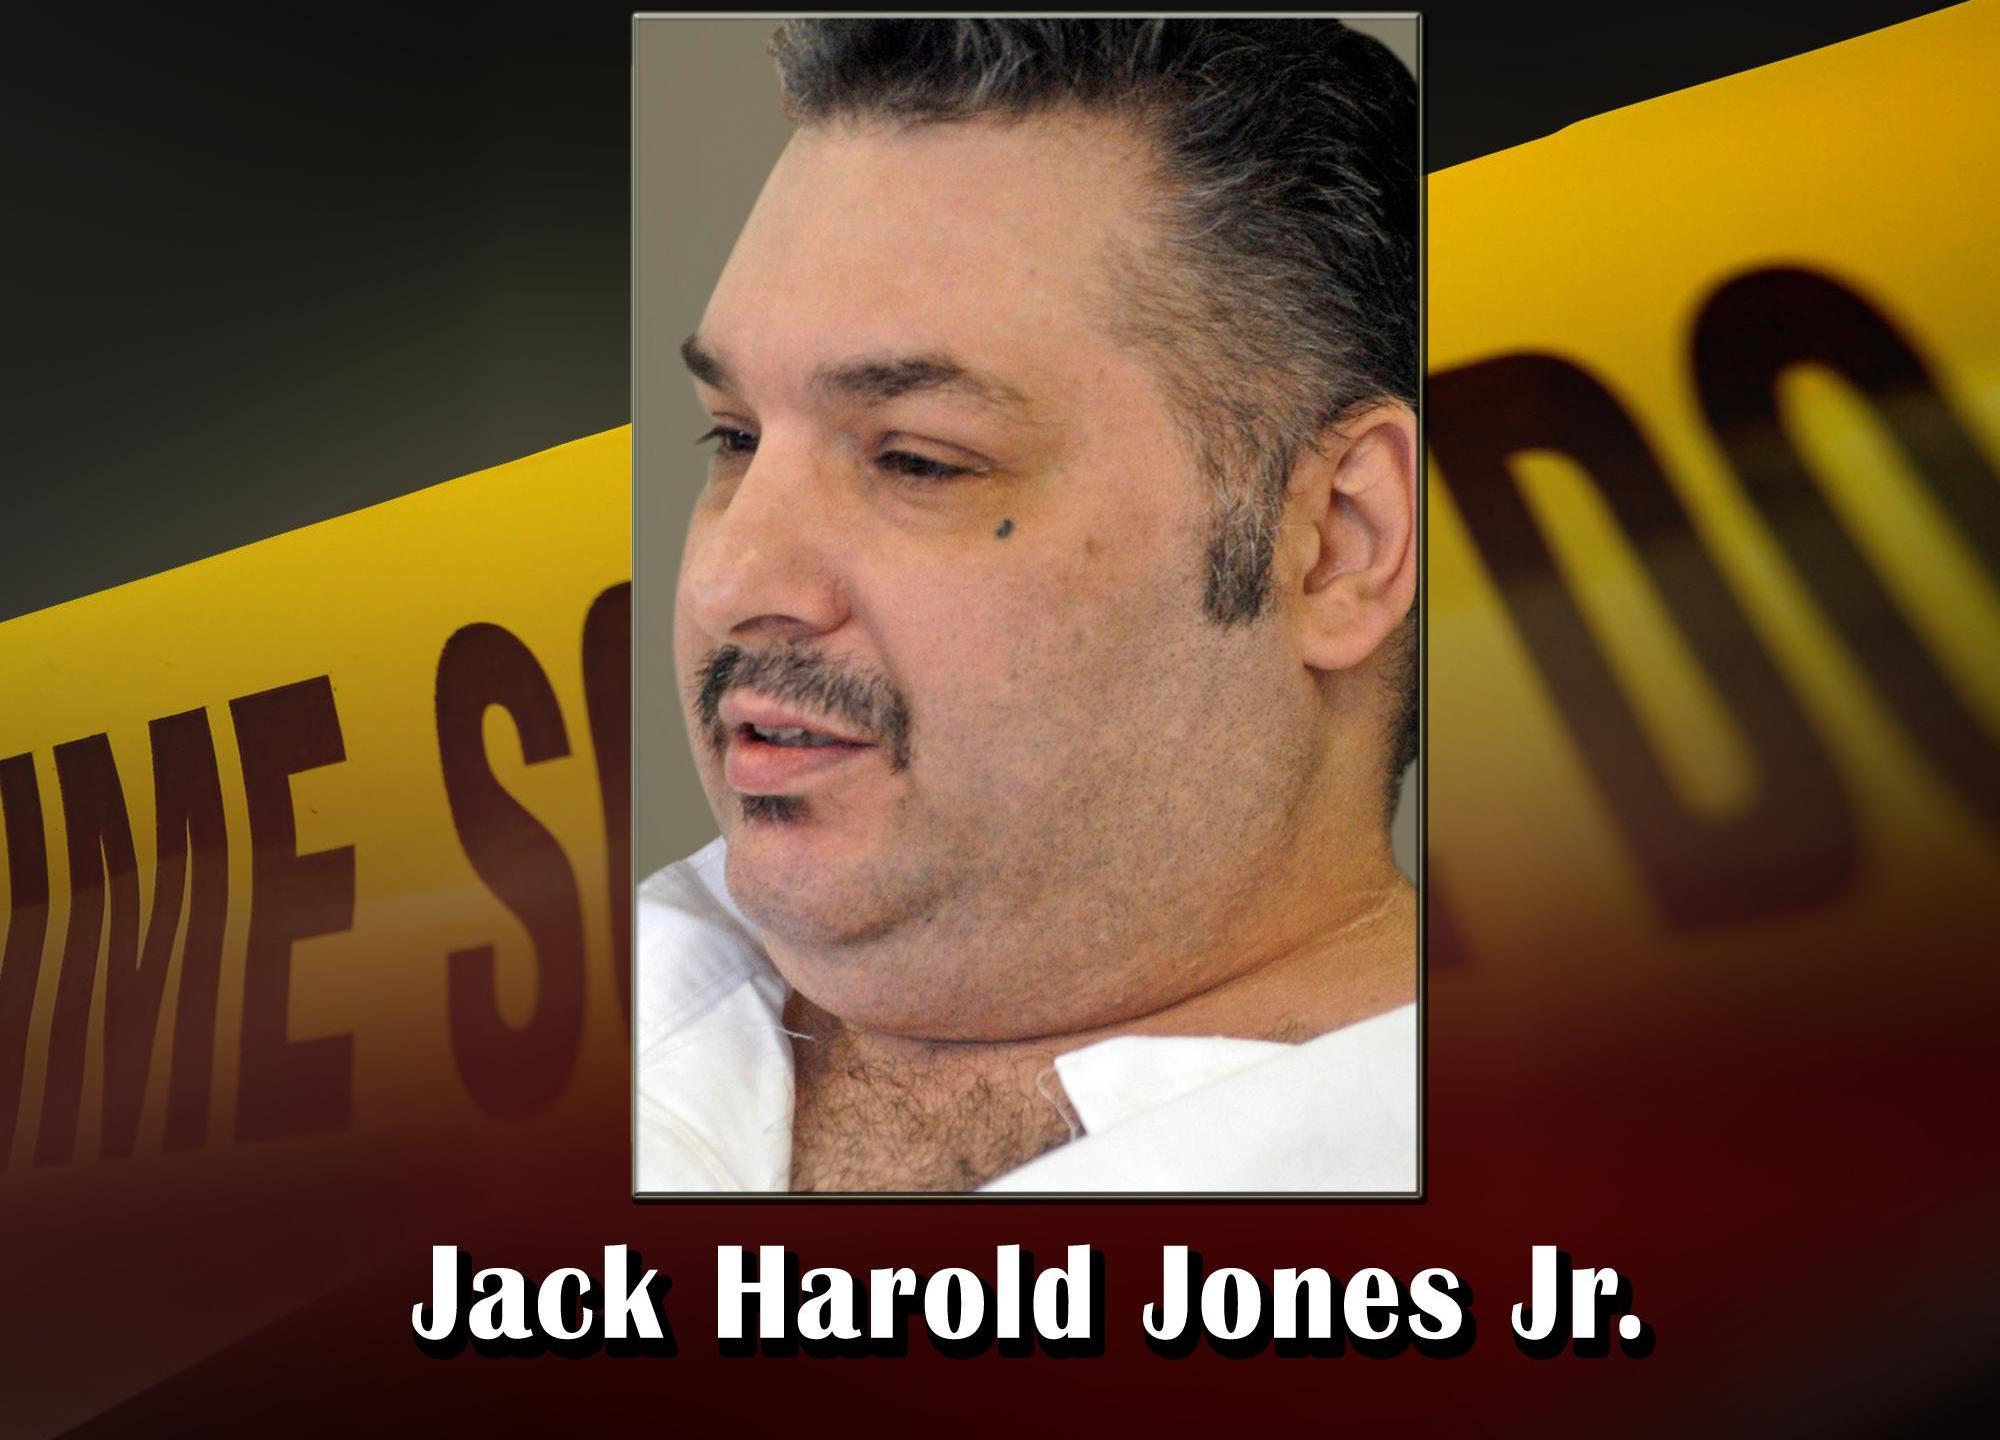 varastossa tilata netistä virallinen Arkansas executes Jack Jones by lethal injection